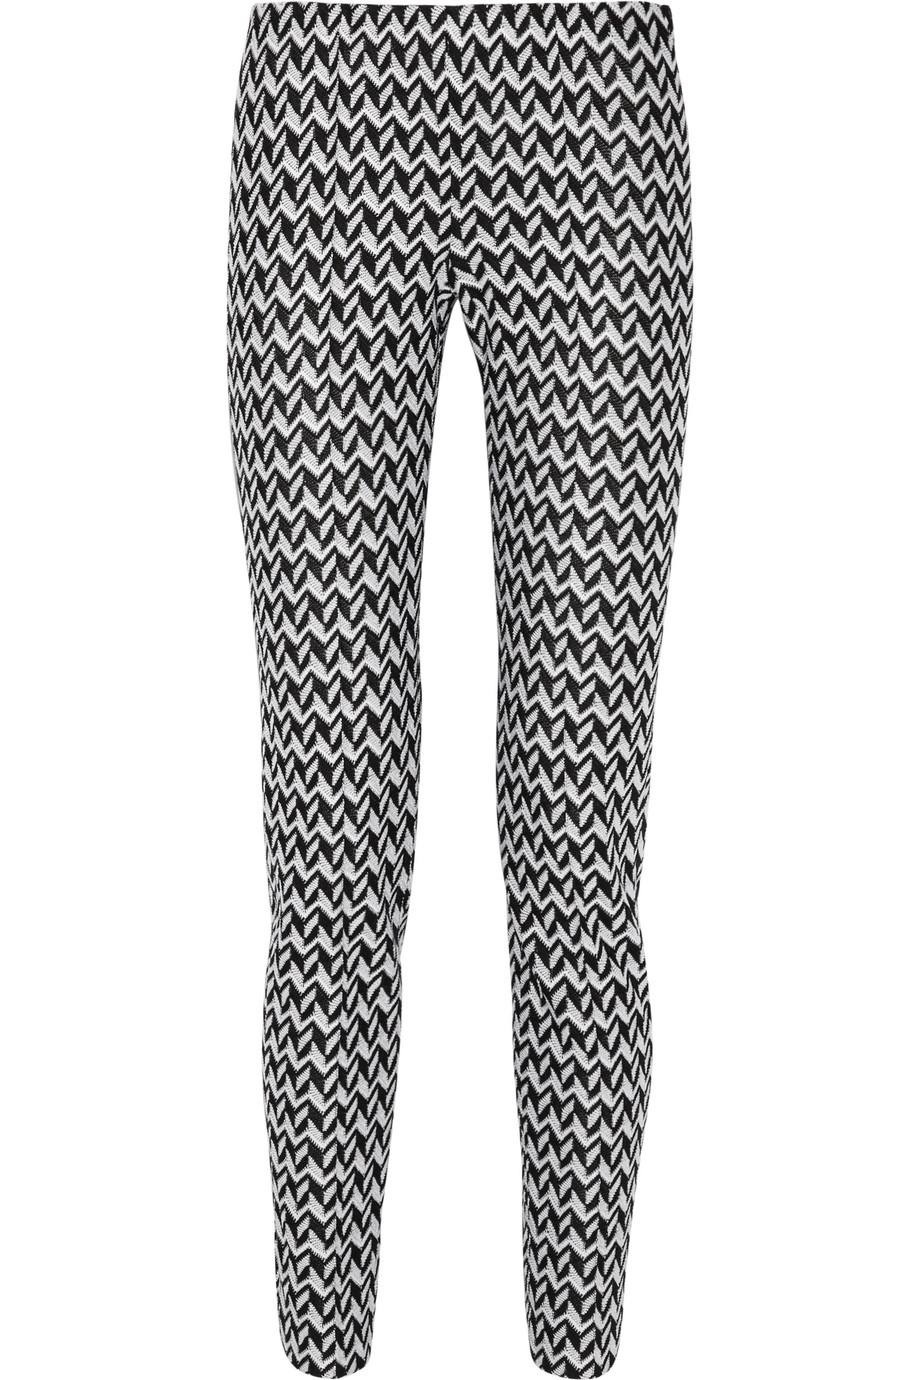 Missoni Crochet-Knit Slim-Leg Pants, Black/White, Women's, Size: 36